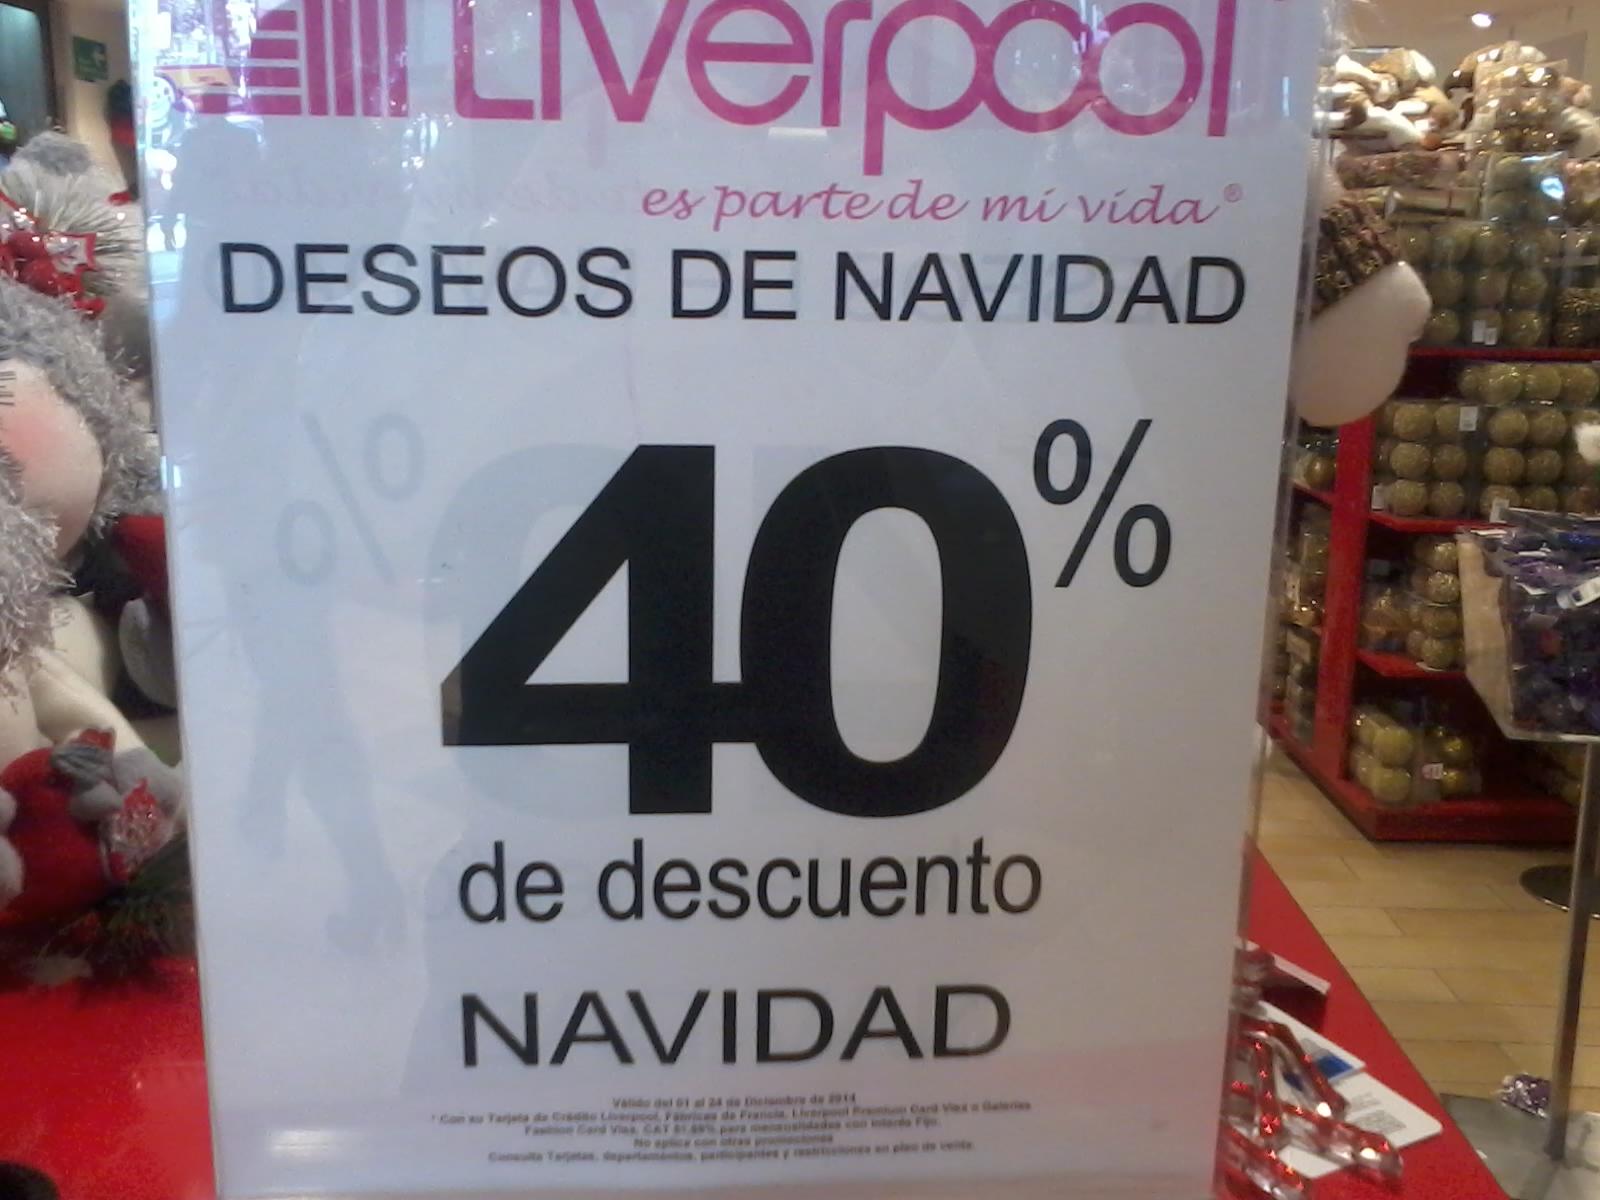 Liverpool deseos de Navidad: 40% de descuento en decoración navideña